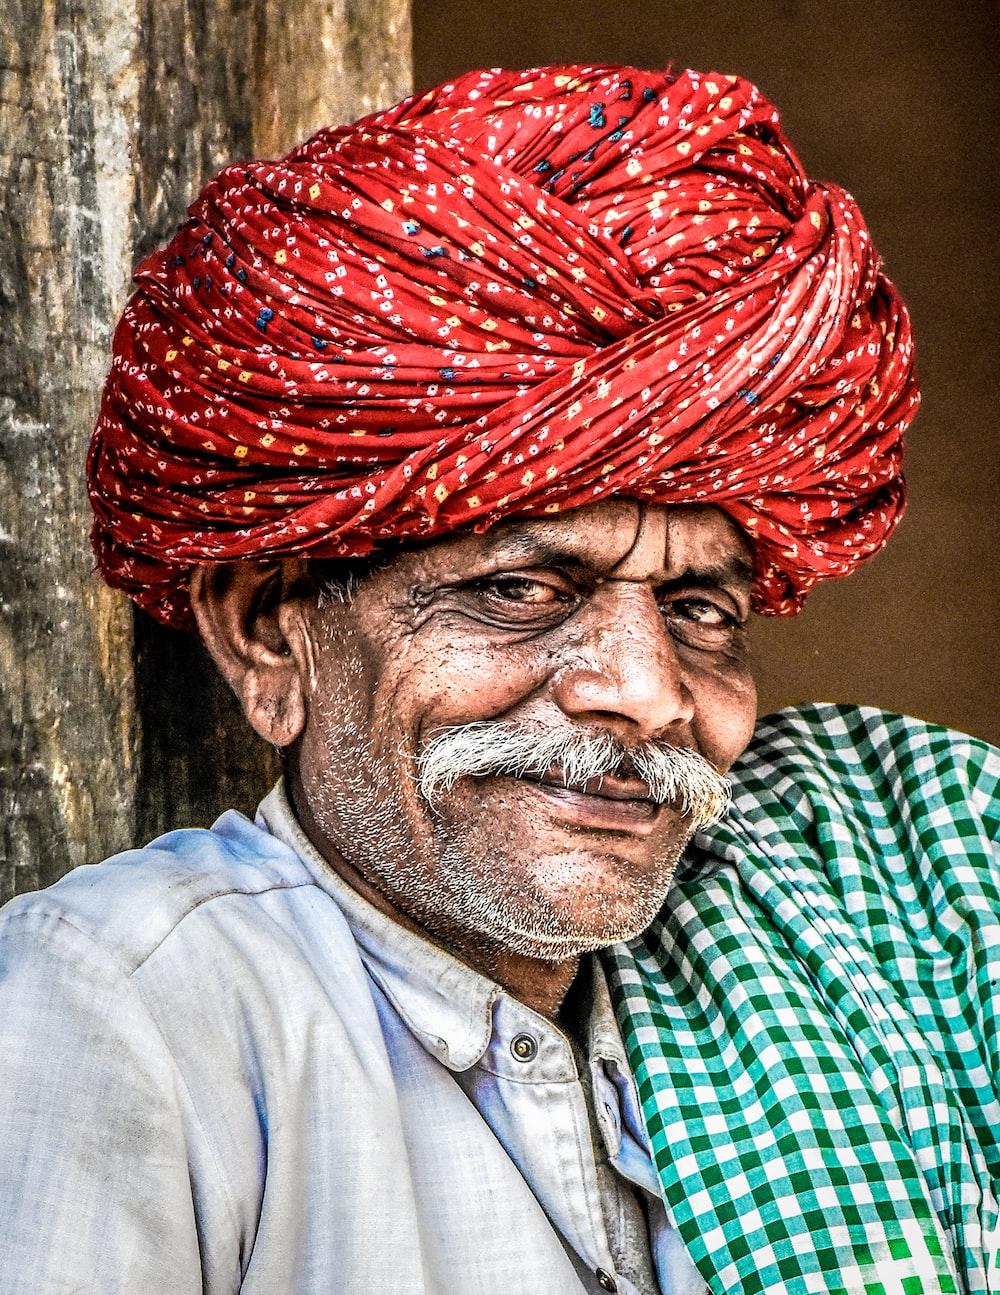 man wearing red turban